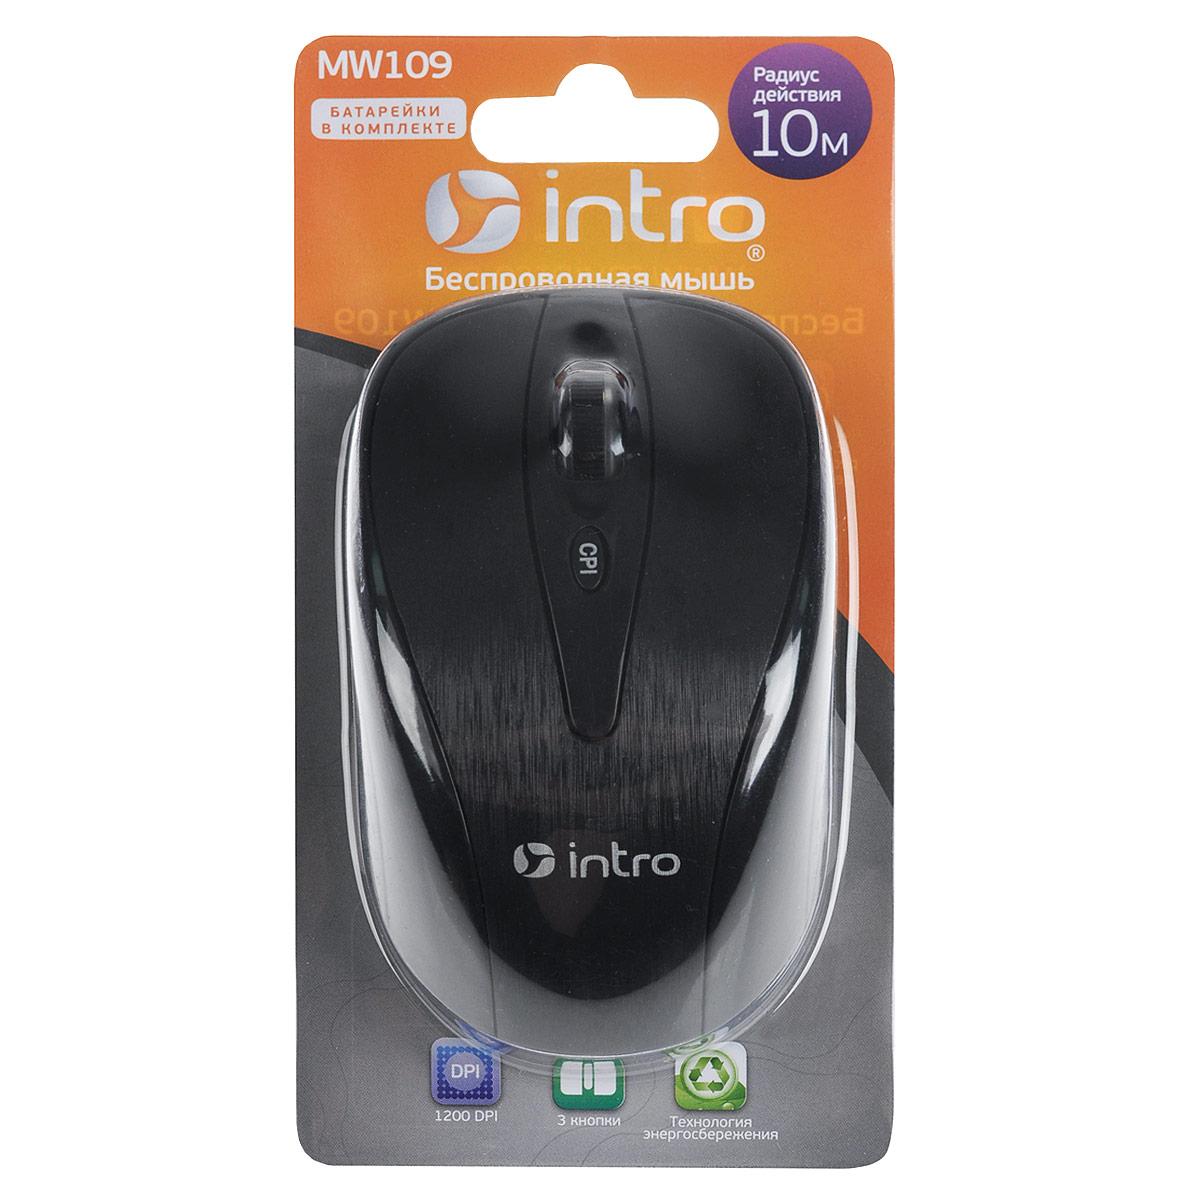 Мышь Intro MW109 Wireless intro мышь intro mw605x capsense wireless black